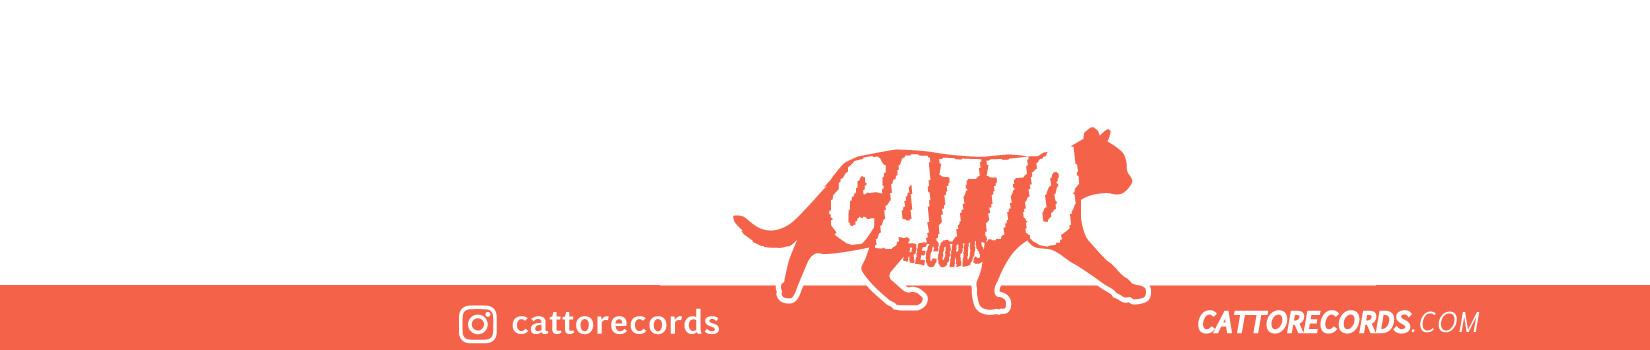 Catto Records